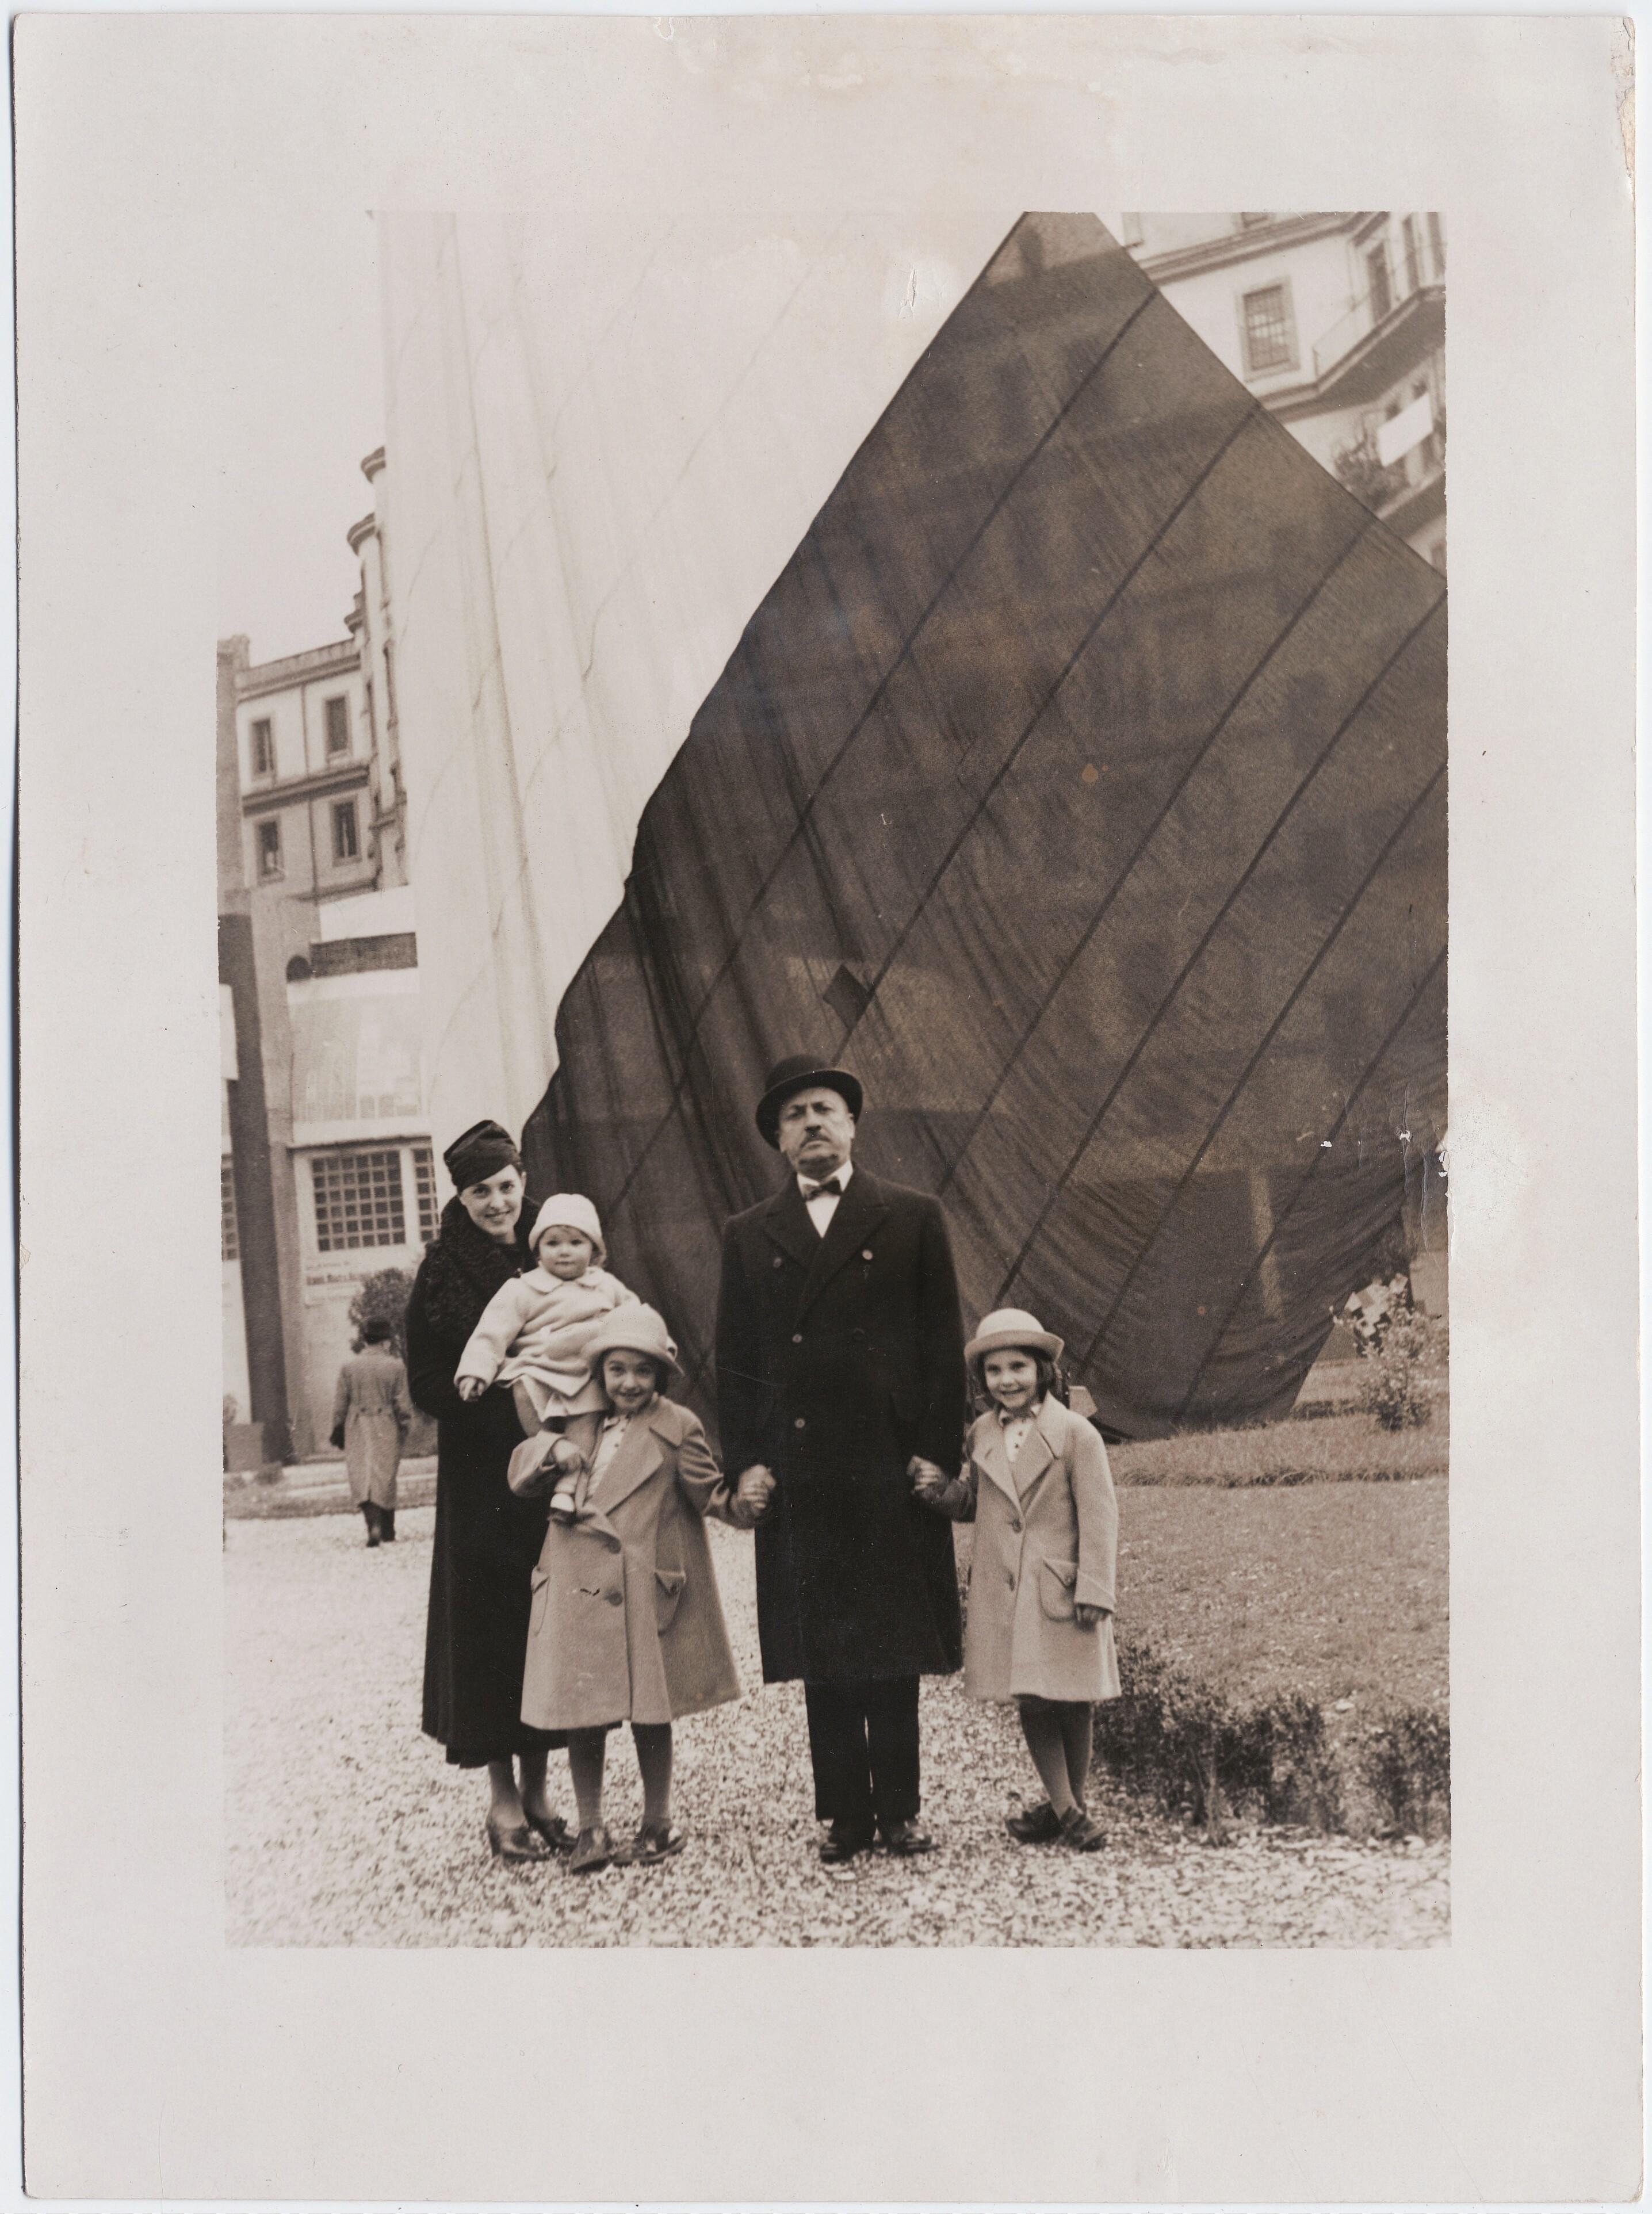 1934. Турин. Филиппо Томмазо Маринетти с семьёй на заводе Lingotto Fiat